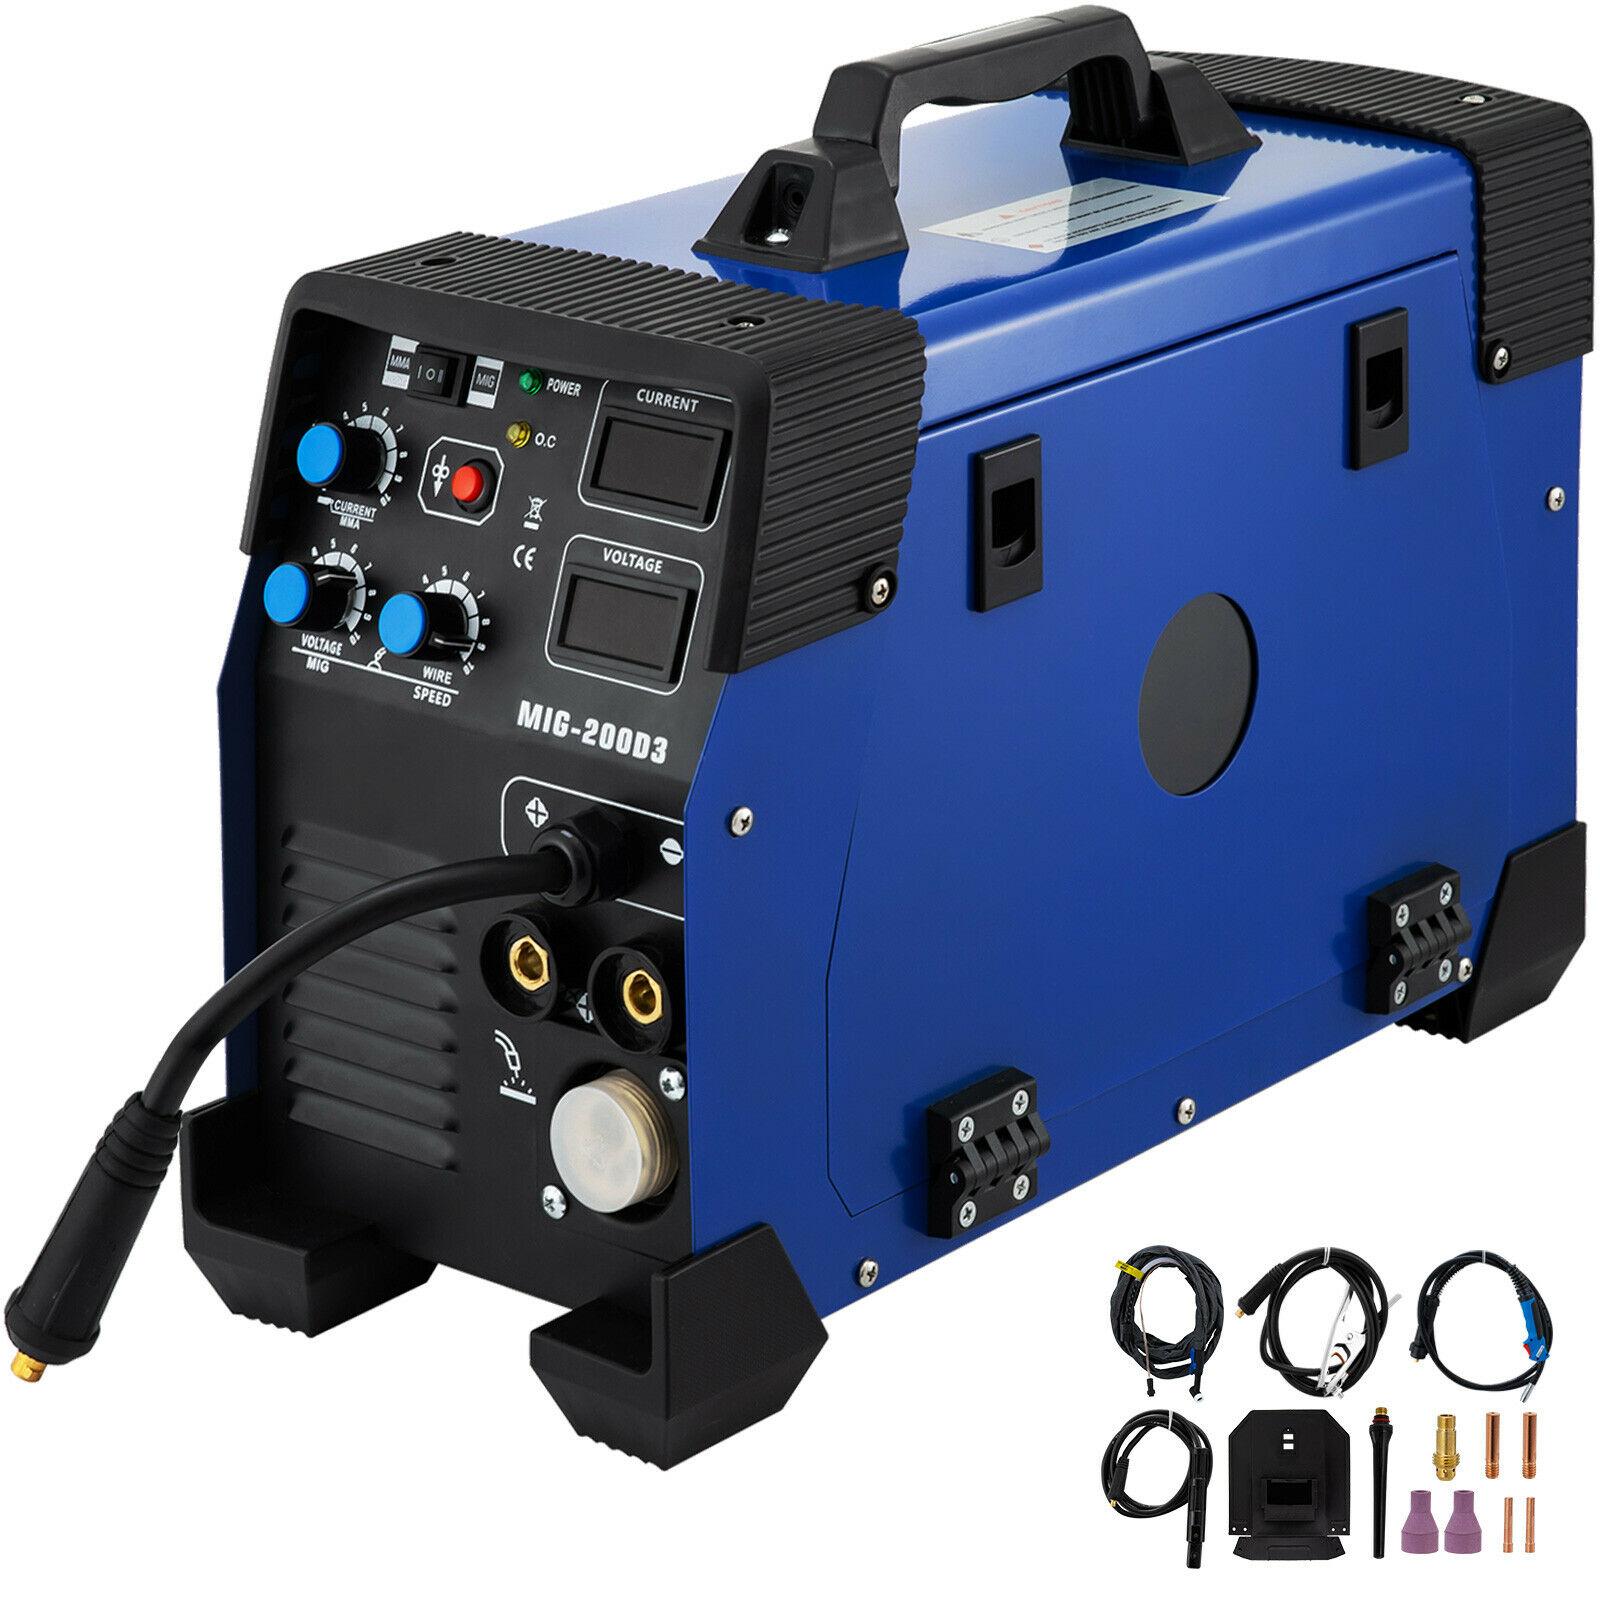 5 em 1 mig/mag/tig/fluxo/mma inversor soldador 200amp combinação máquina de solda